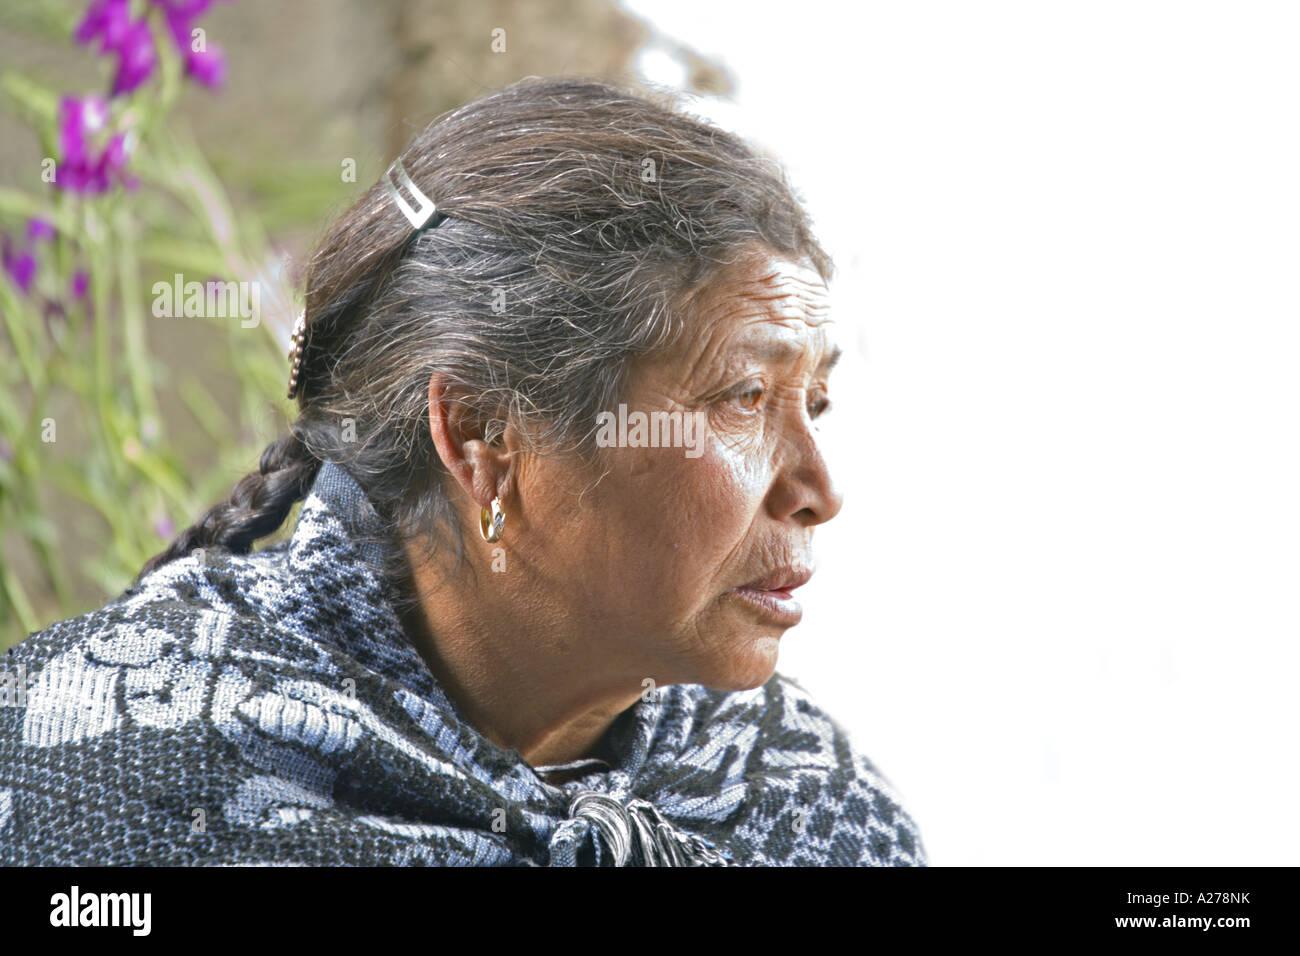 336efe3ef2512 GUATEMALA CAPELLANIA Distinguidos ancianos indígenas mujer Maya Quiché en  colorido mantón tradicional Imagen De Stock